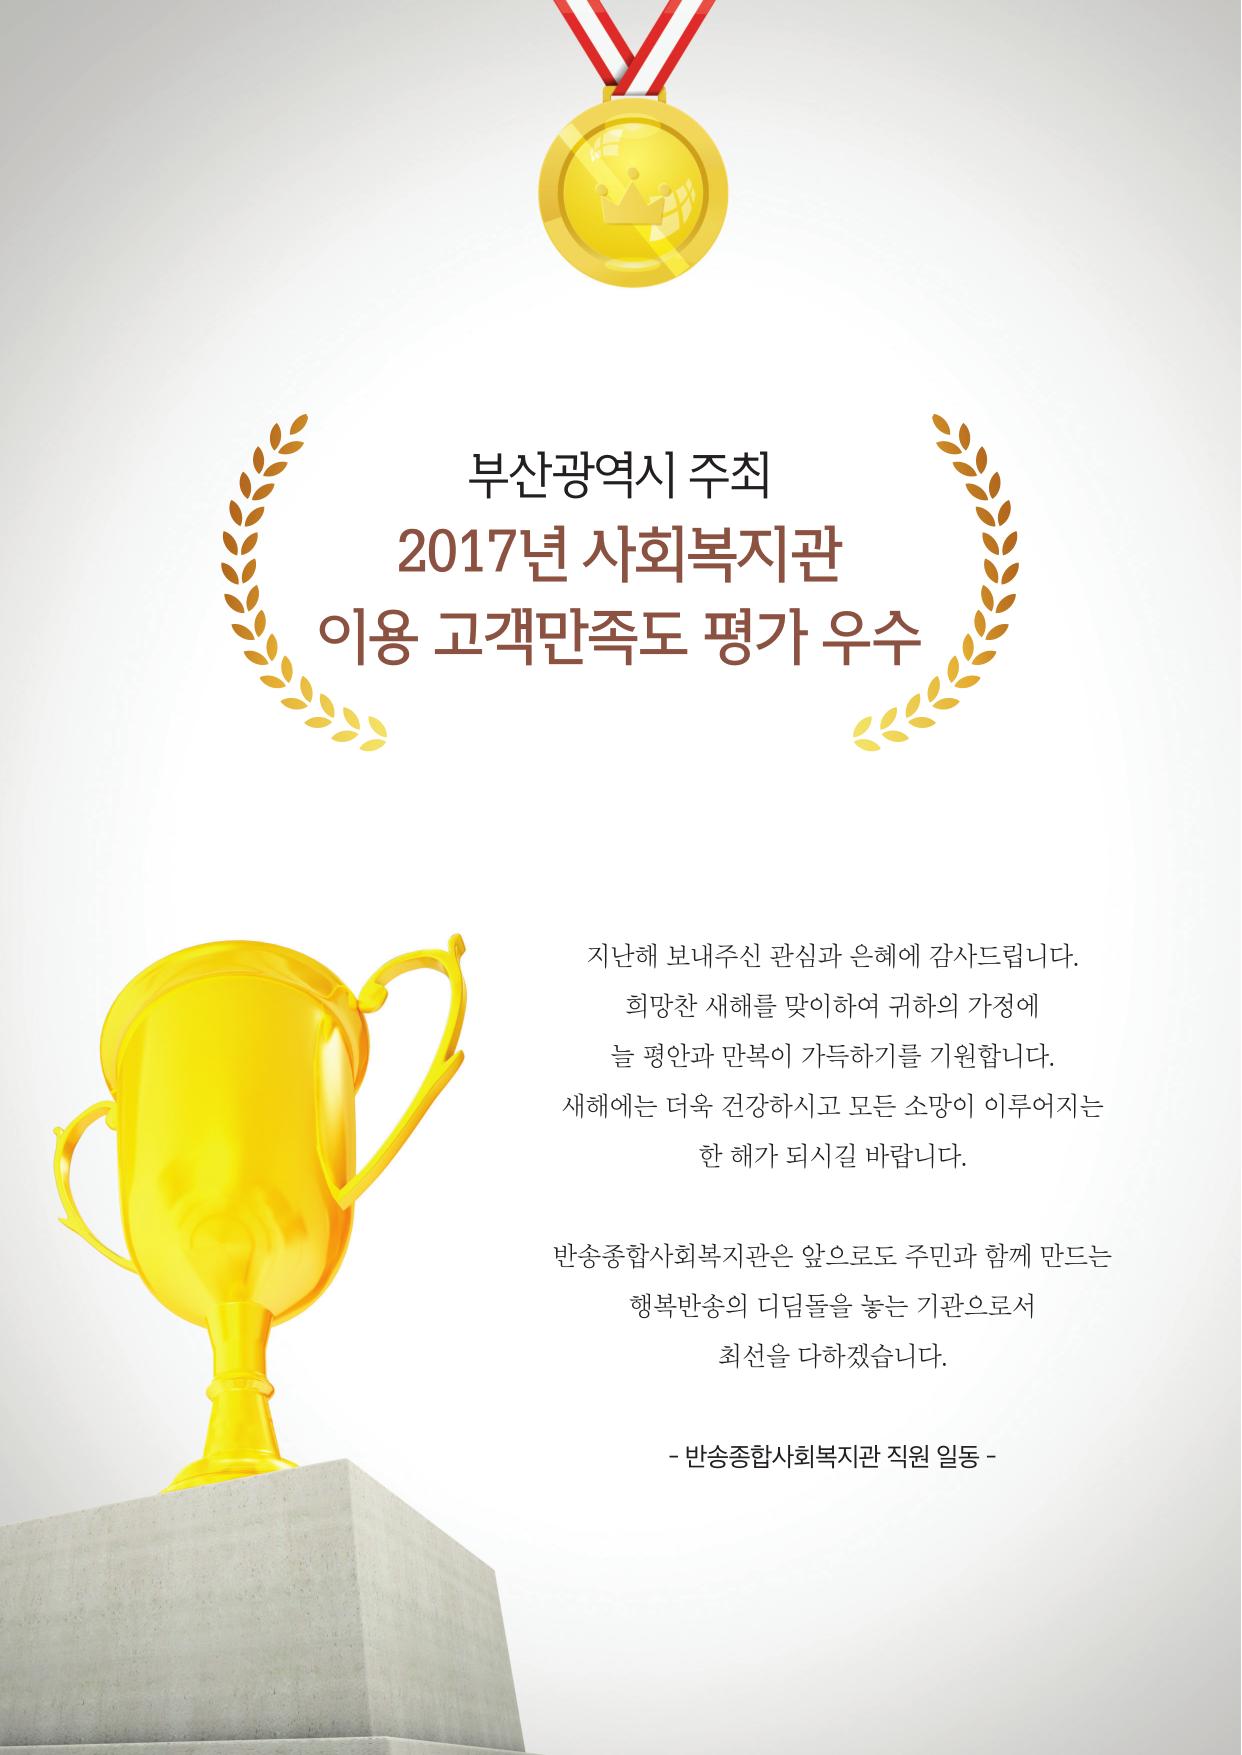 반송종합사회복지관연간소식지(2017)-03.jpg